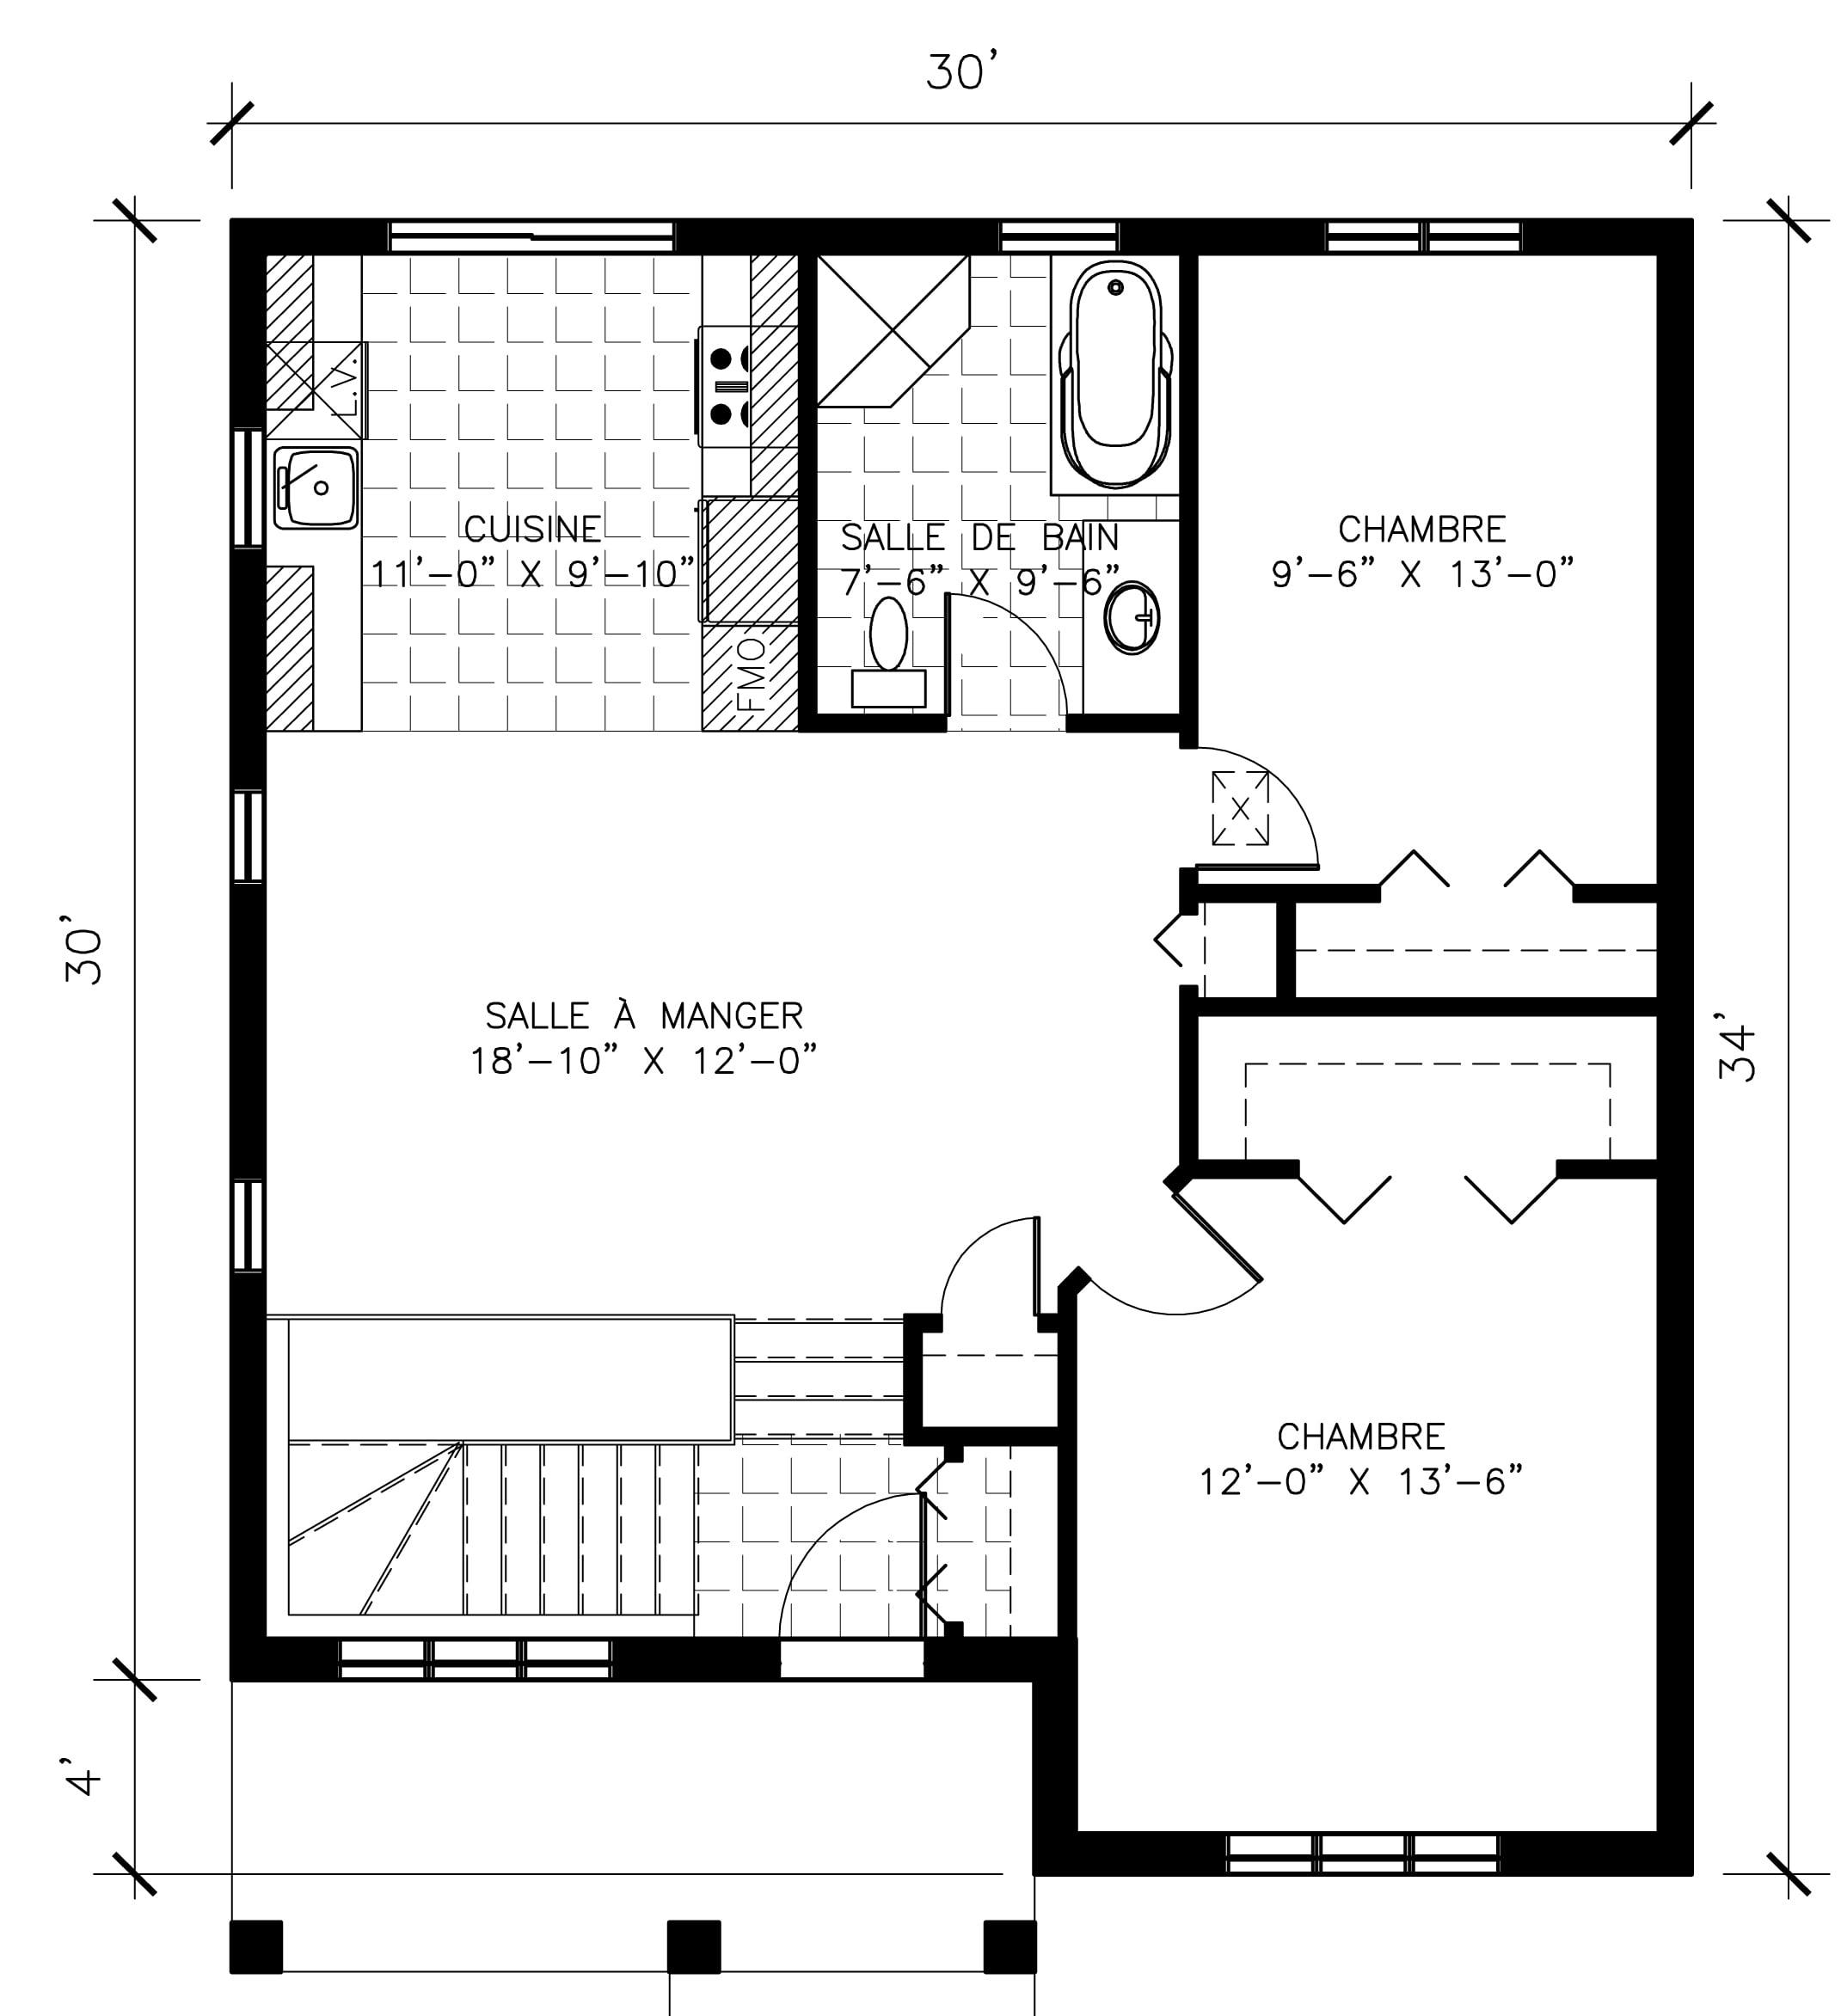 Les Habitations Innovatel projet de maisons neuves VERSAILLES